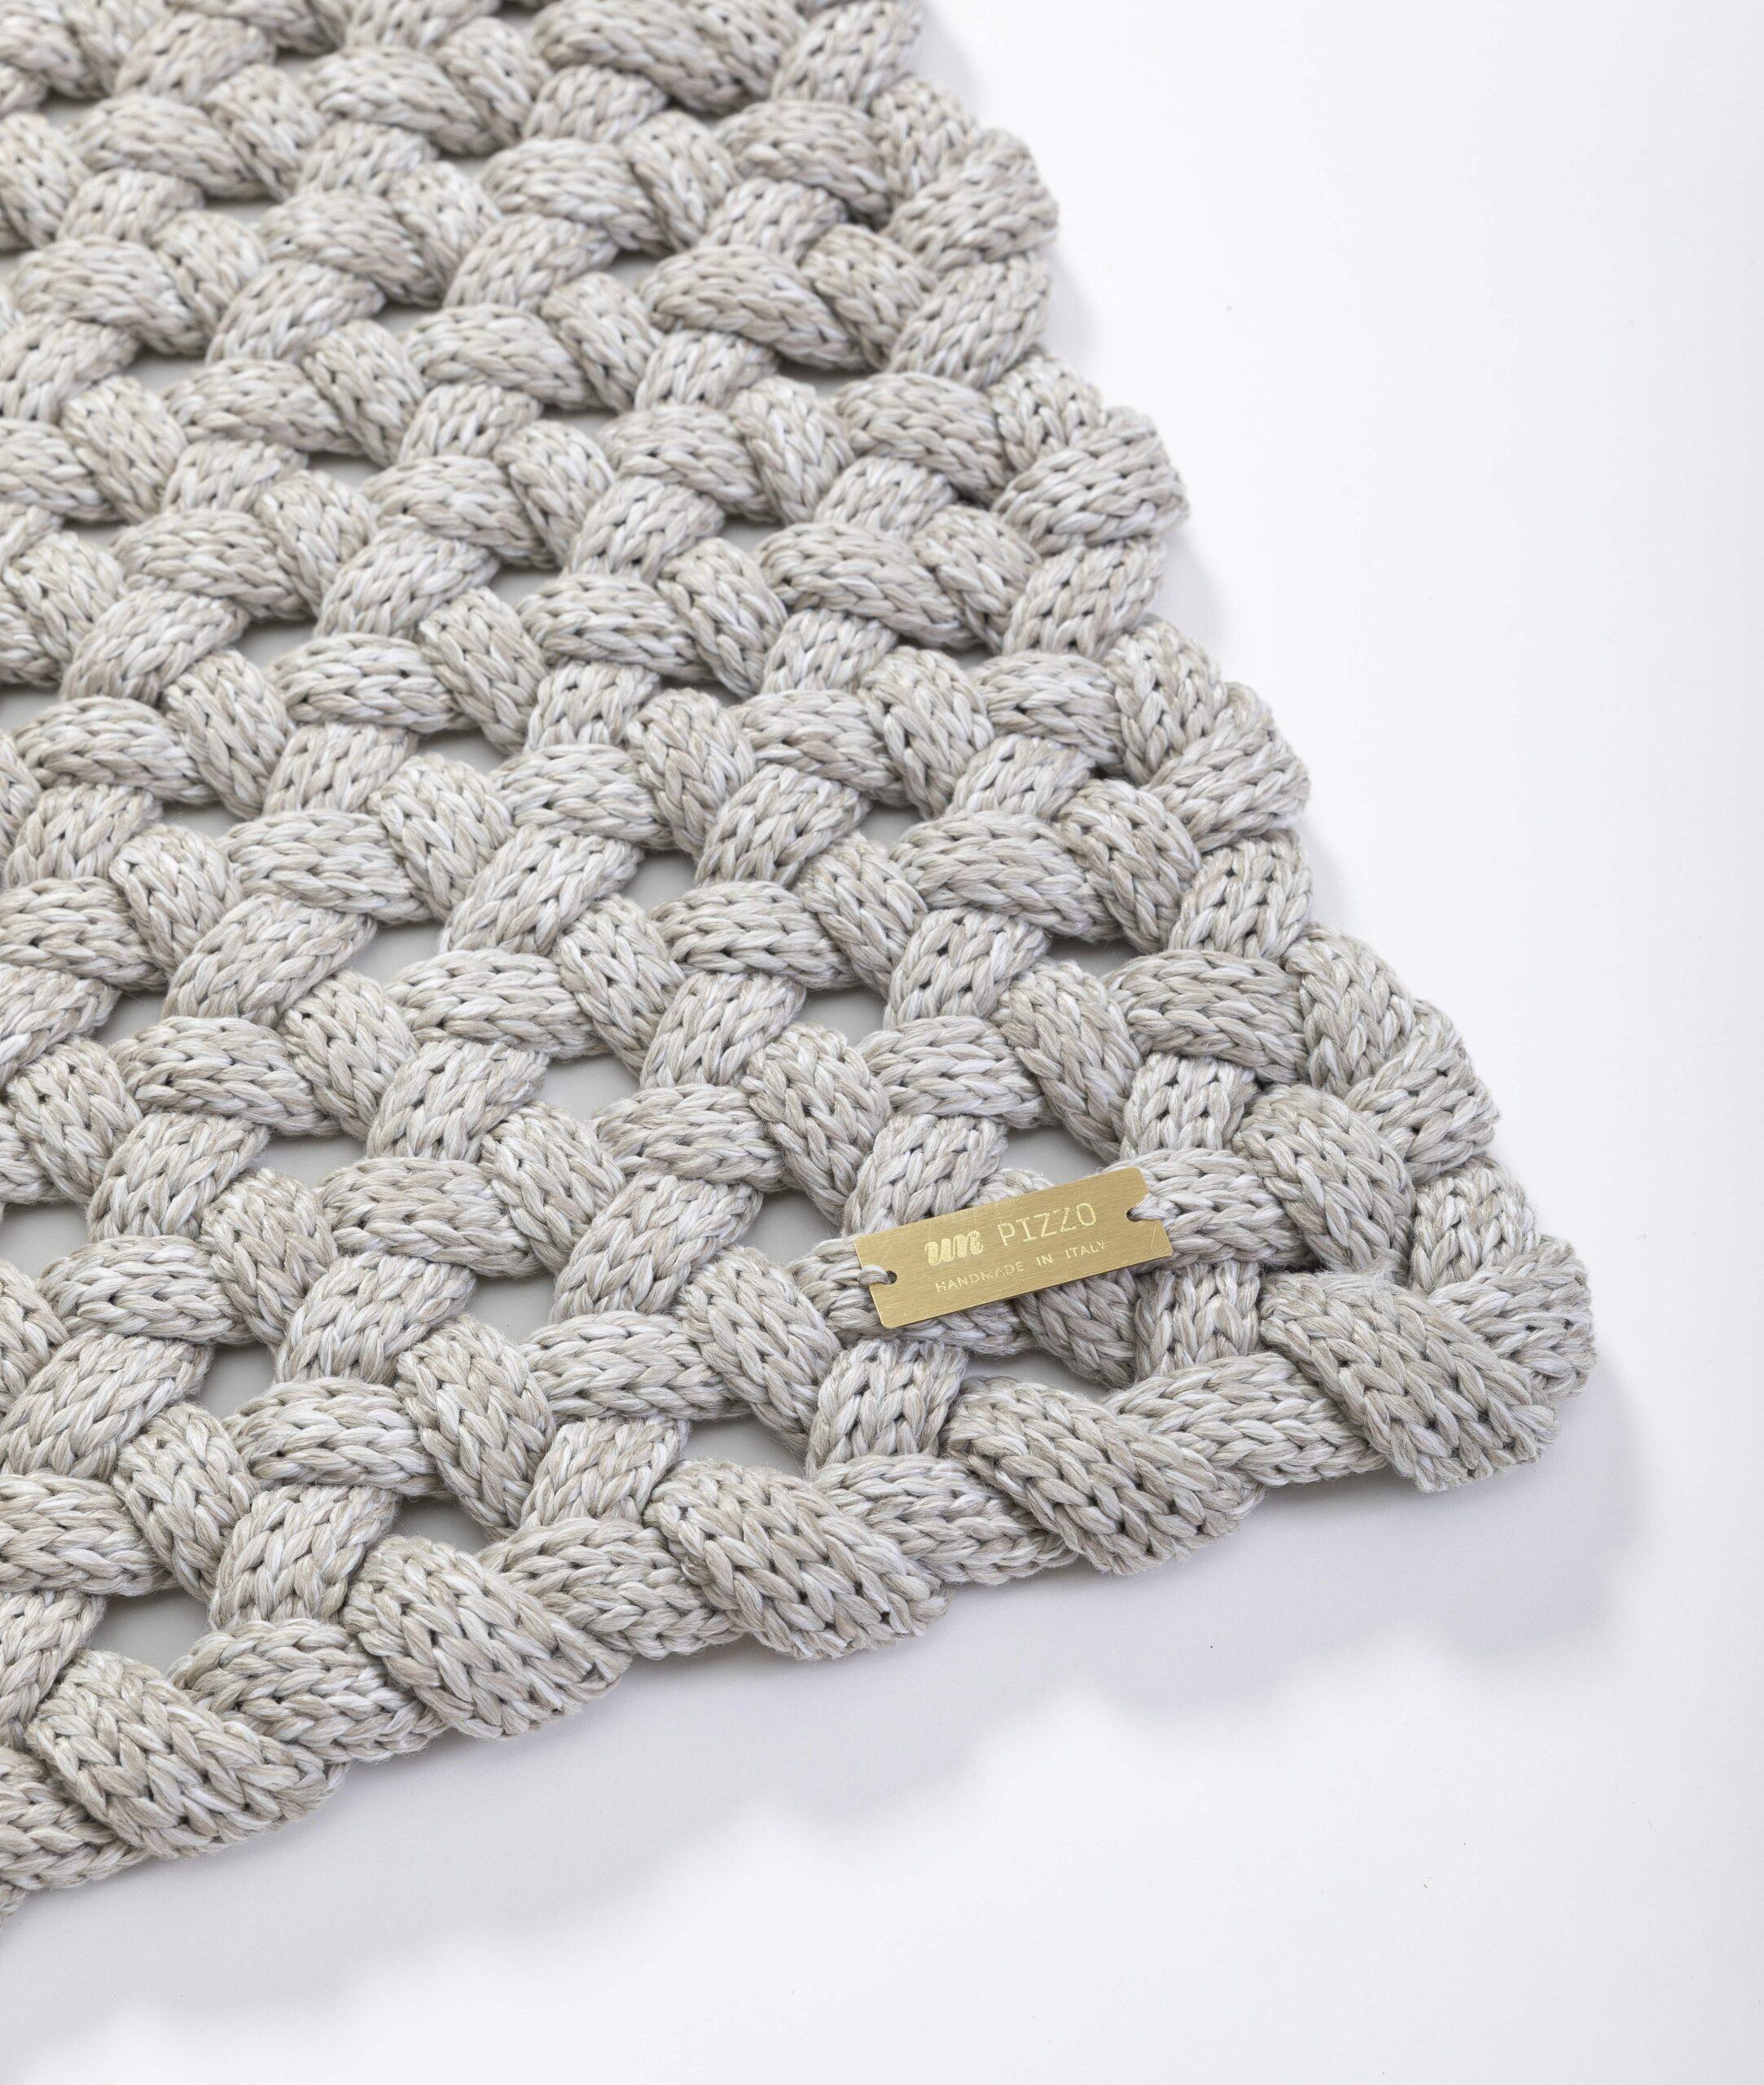 unpizzo.tappeto200x160treccianappe